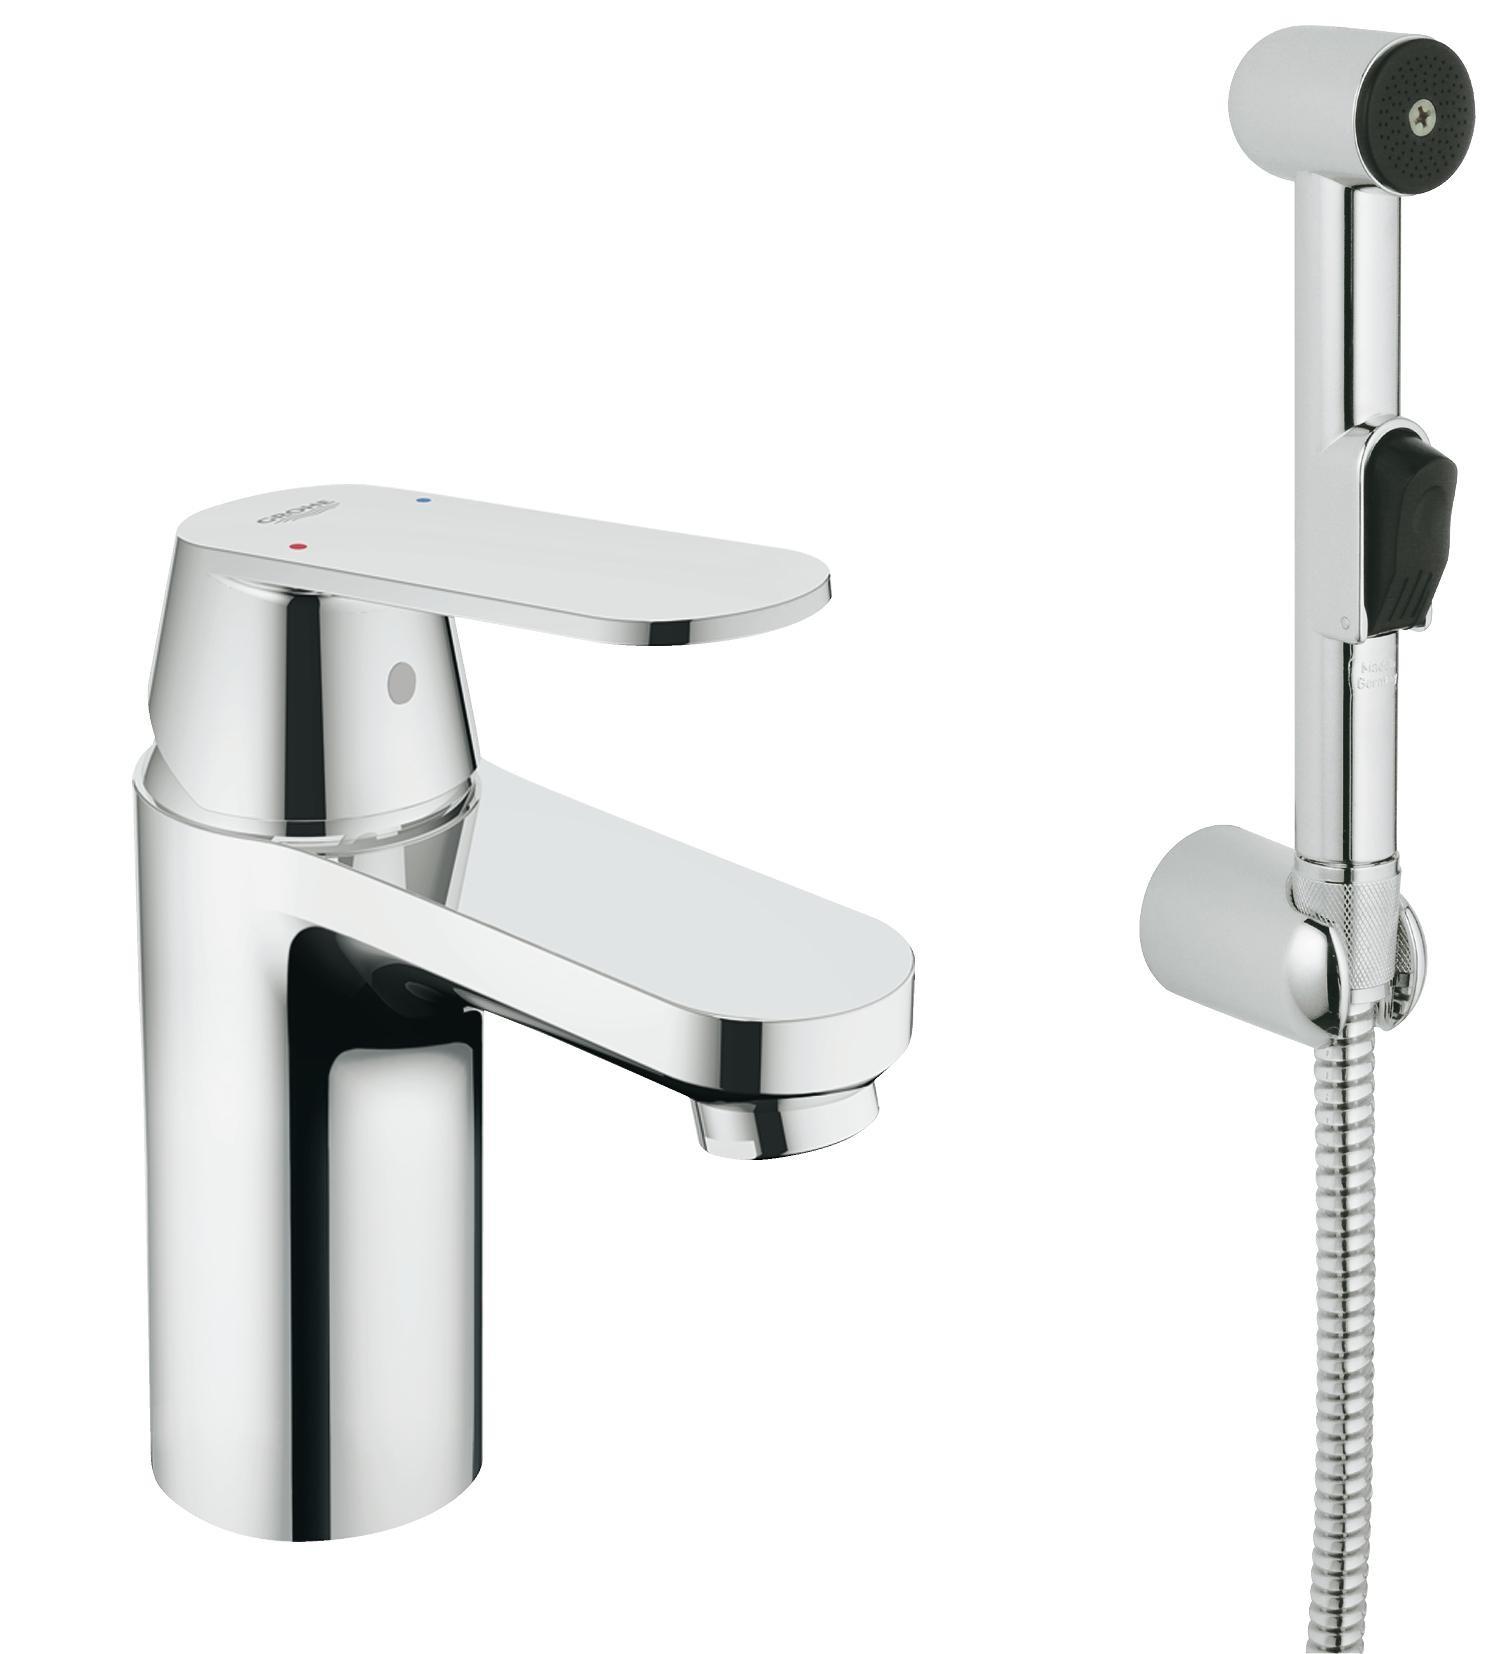 Купить Смеситель для ванны Grohe Eurosmart Cosmopolitan 23125000, Германия